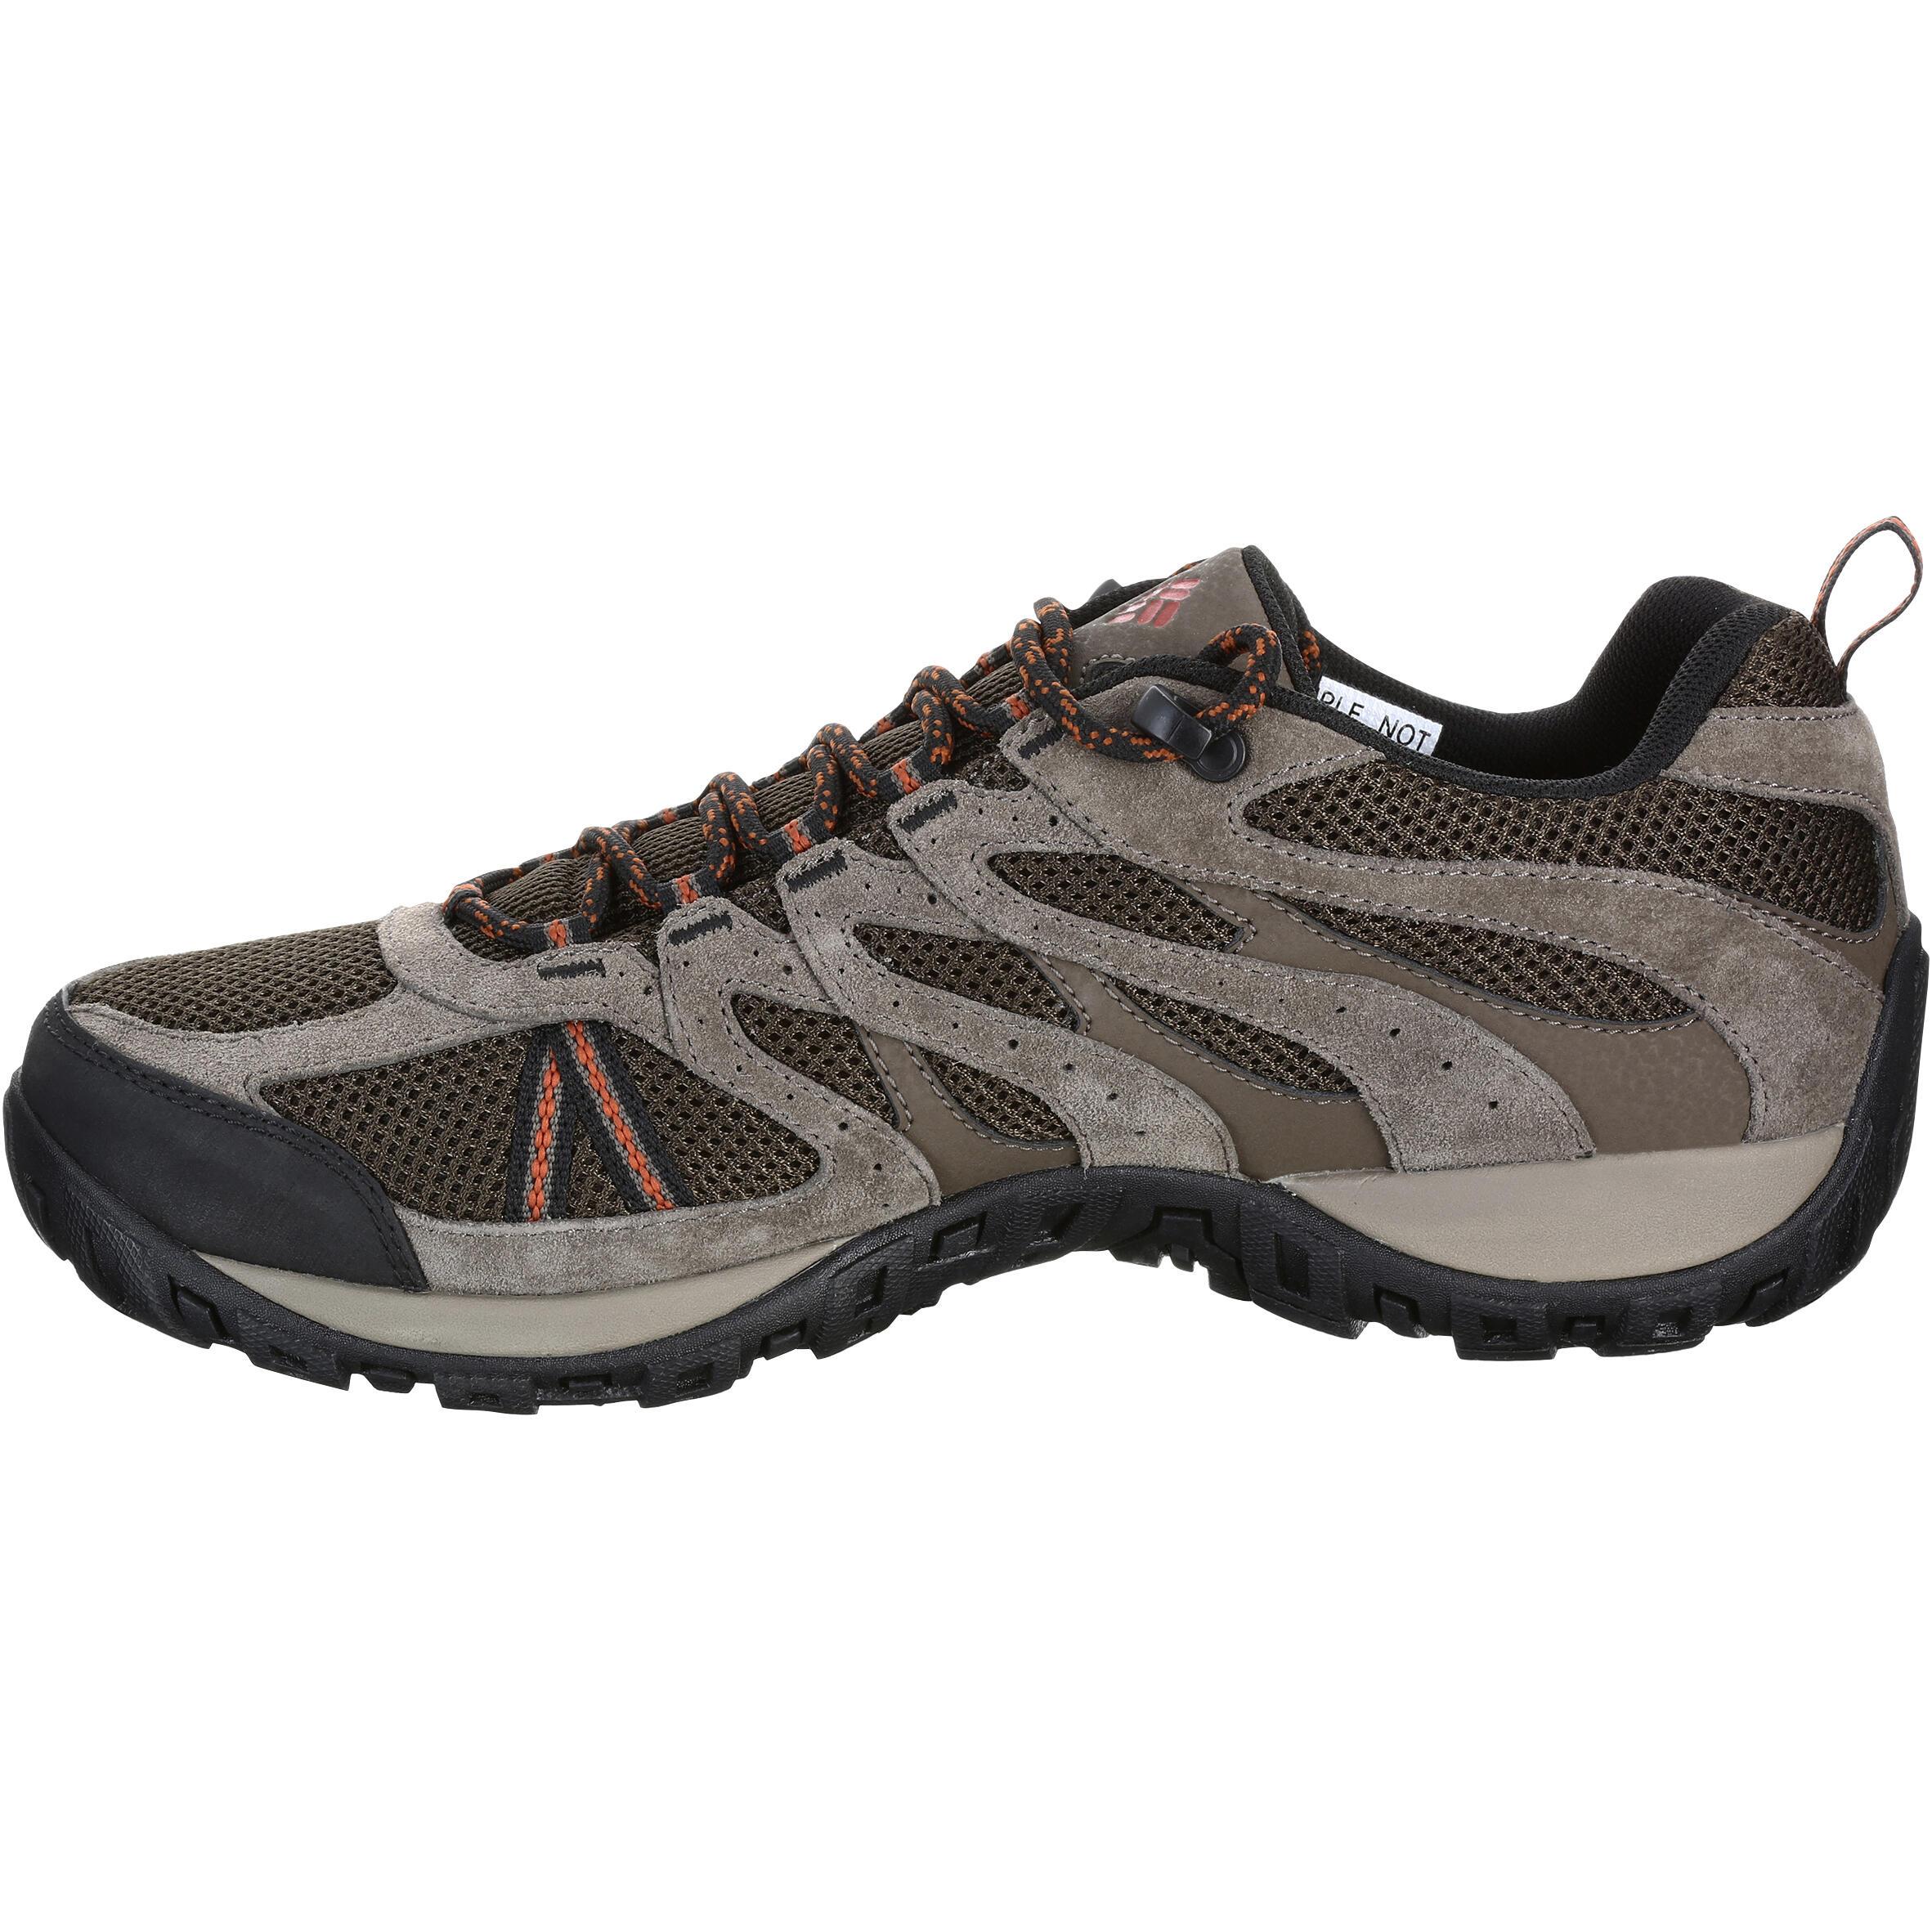 Randonnée Homme Imperméable Chaussures Marrongris Redmond 2 De Columbia CxrhdtsQ